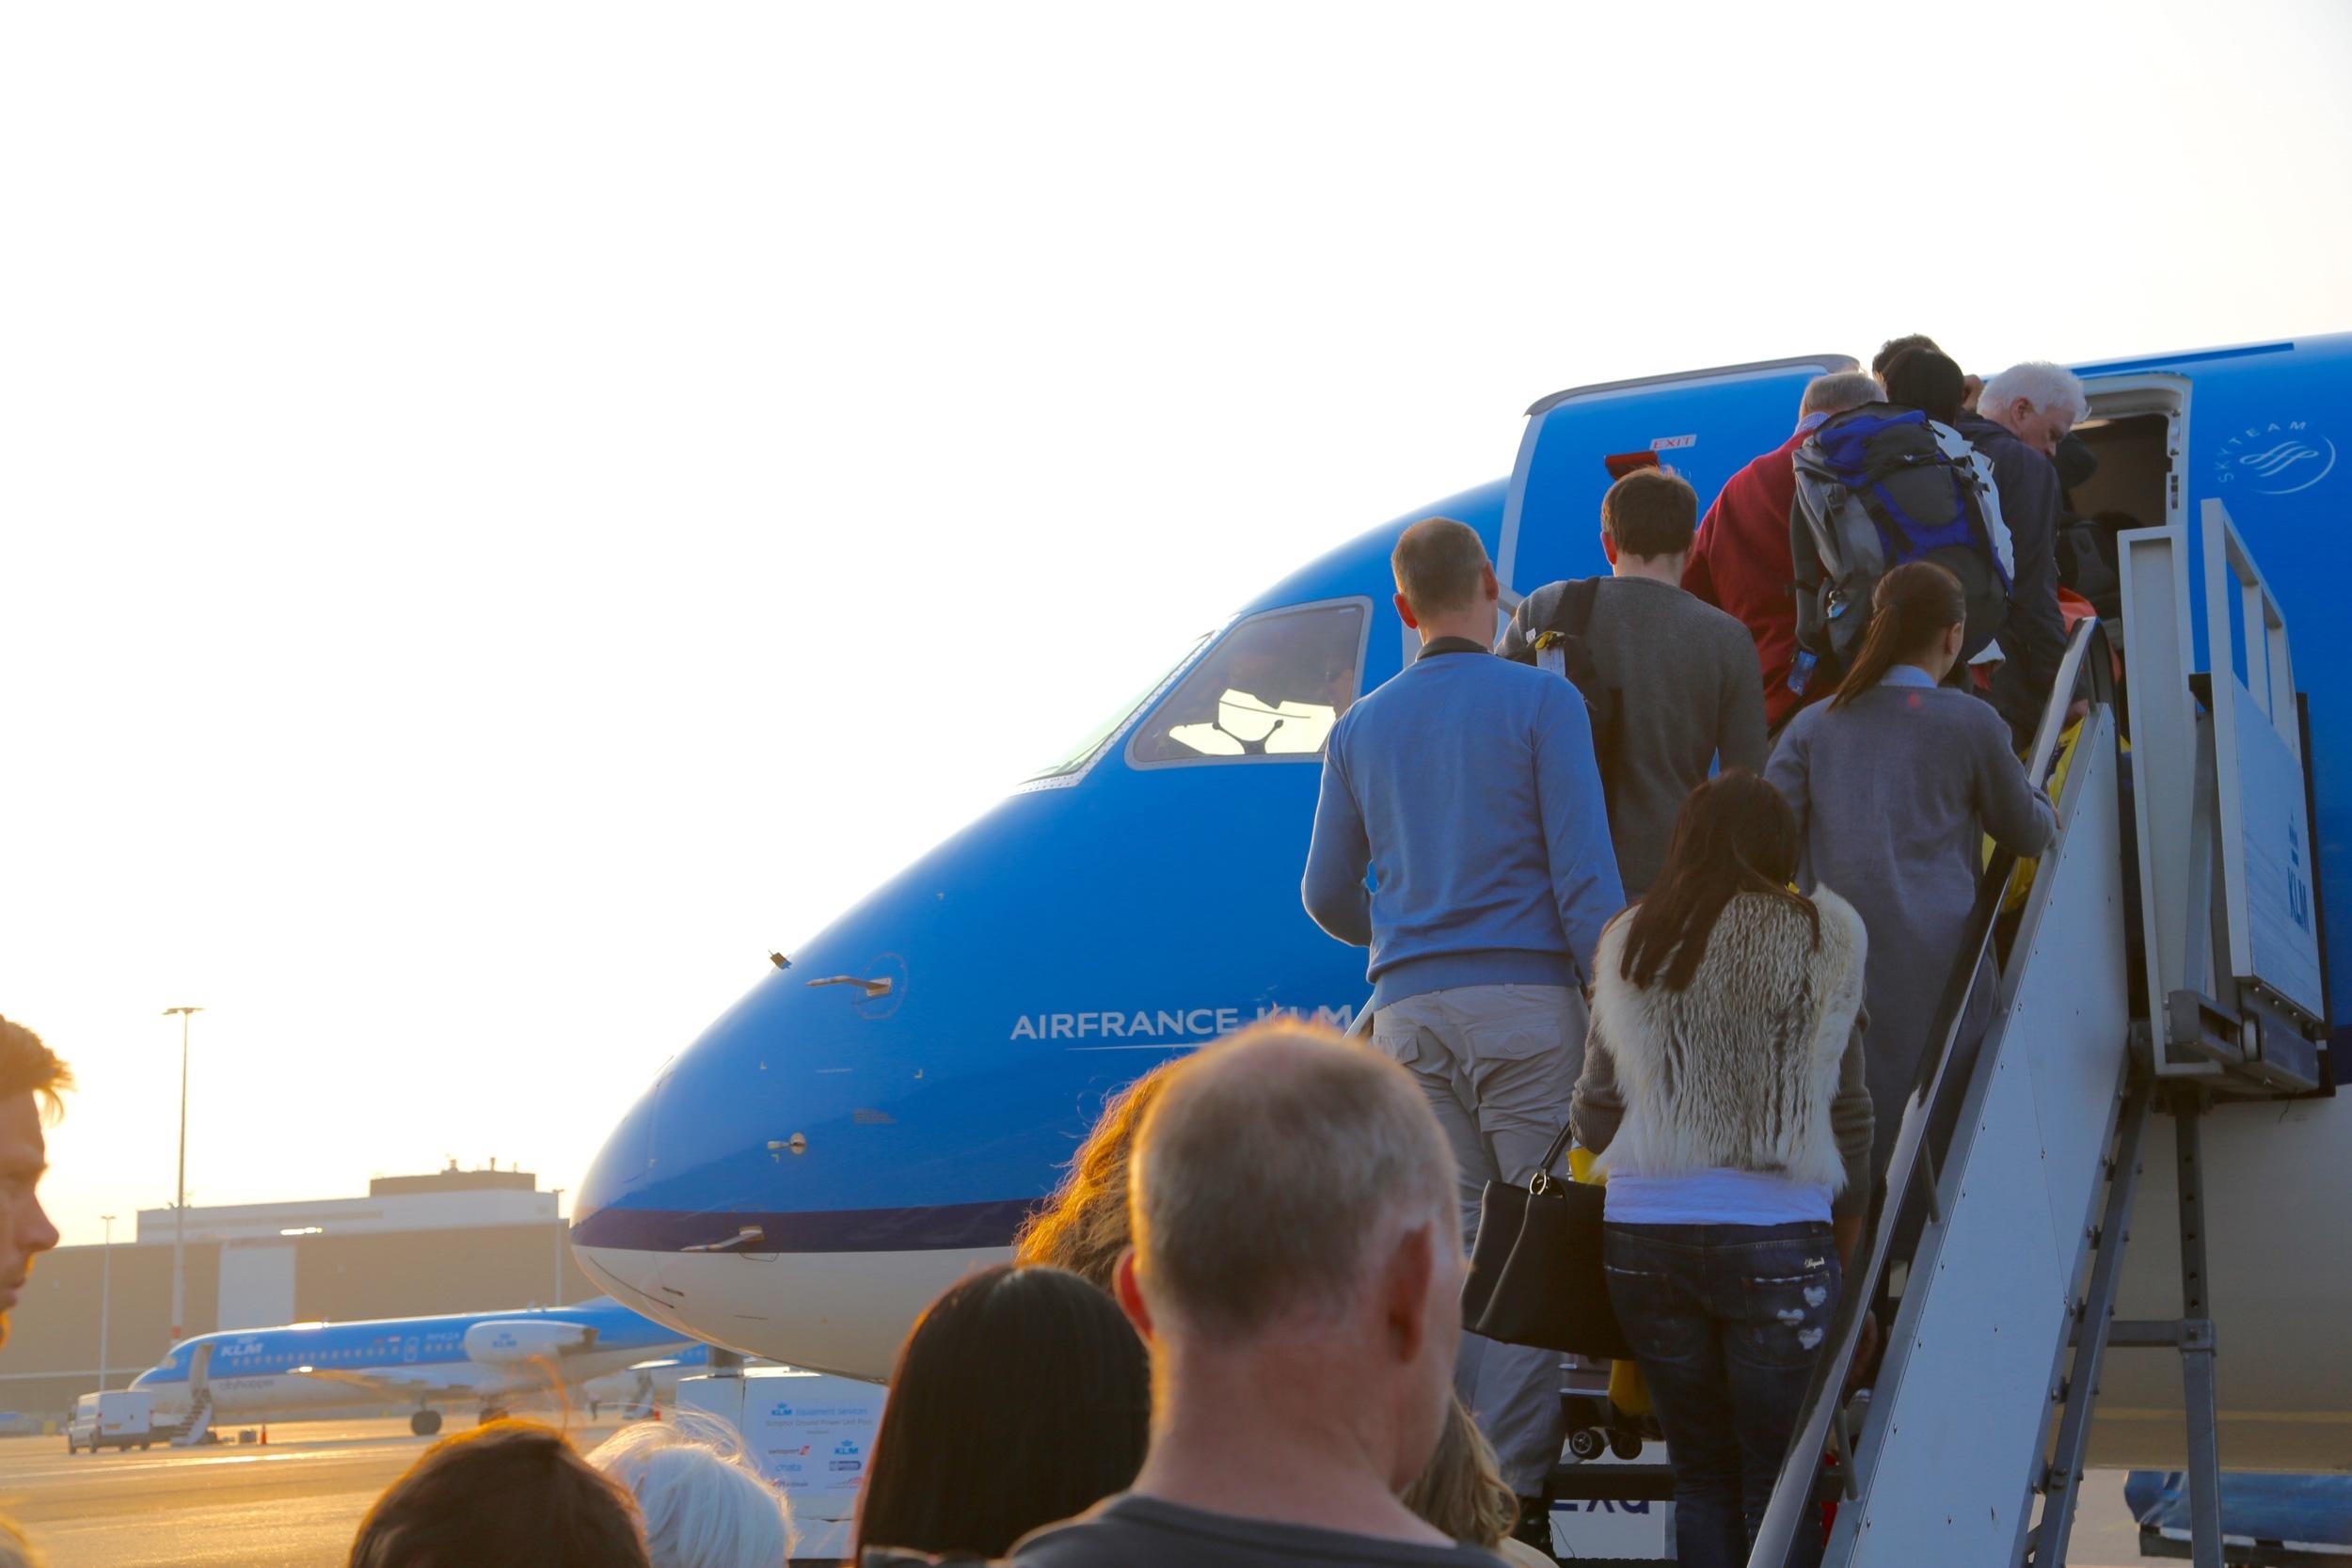 Les disse tipsene før du går om bord i flyet. Det gjør turen enda bedre. Foto: Odd Roar Lange